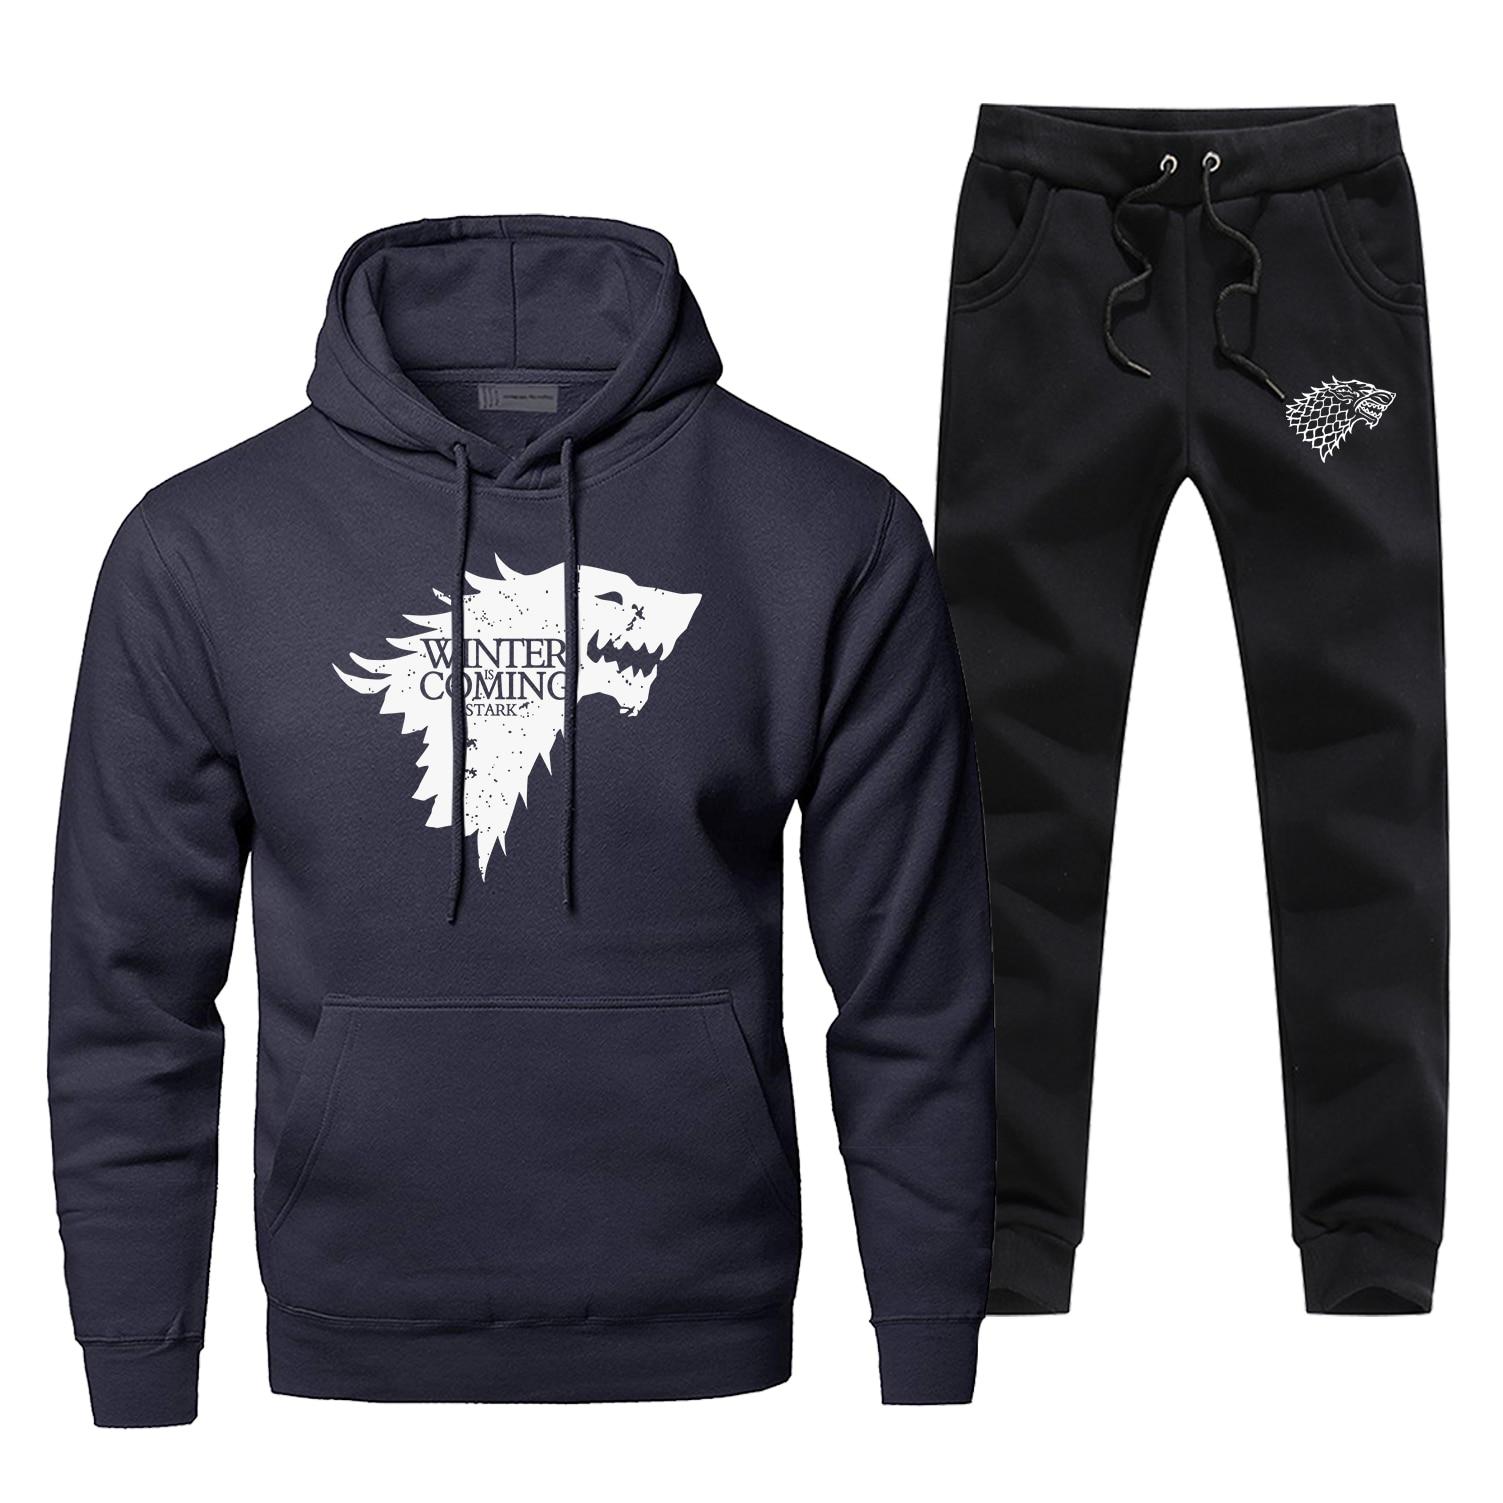 Game Of Thrones House Stark Sweatshirt Hoodies Pants Sets Men Hip Hop Streetwear Winter Is Coming Casual Sportswear Sweatpants